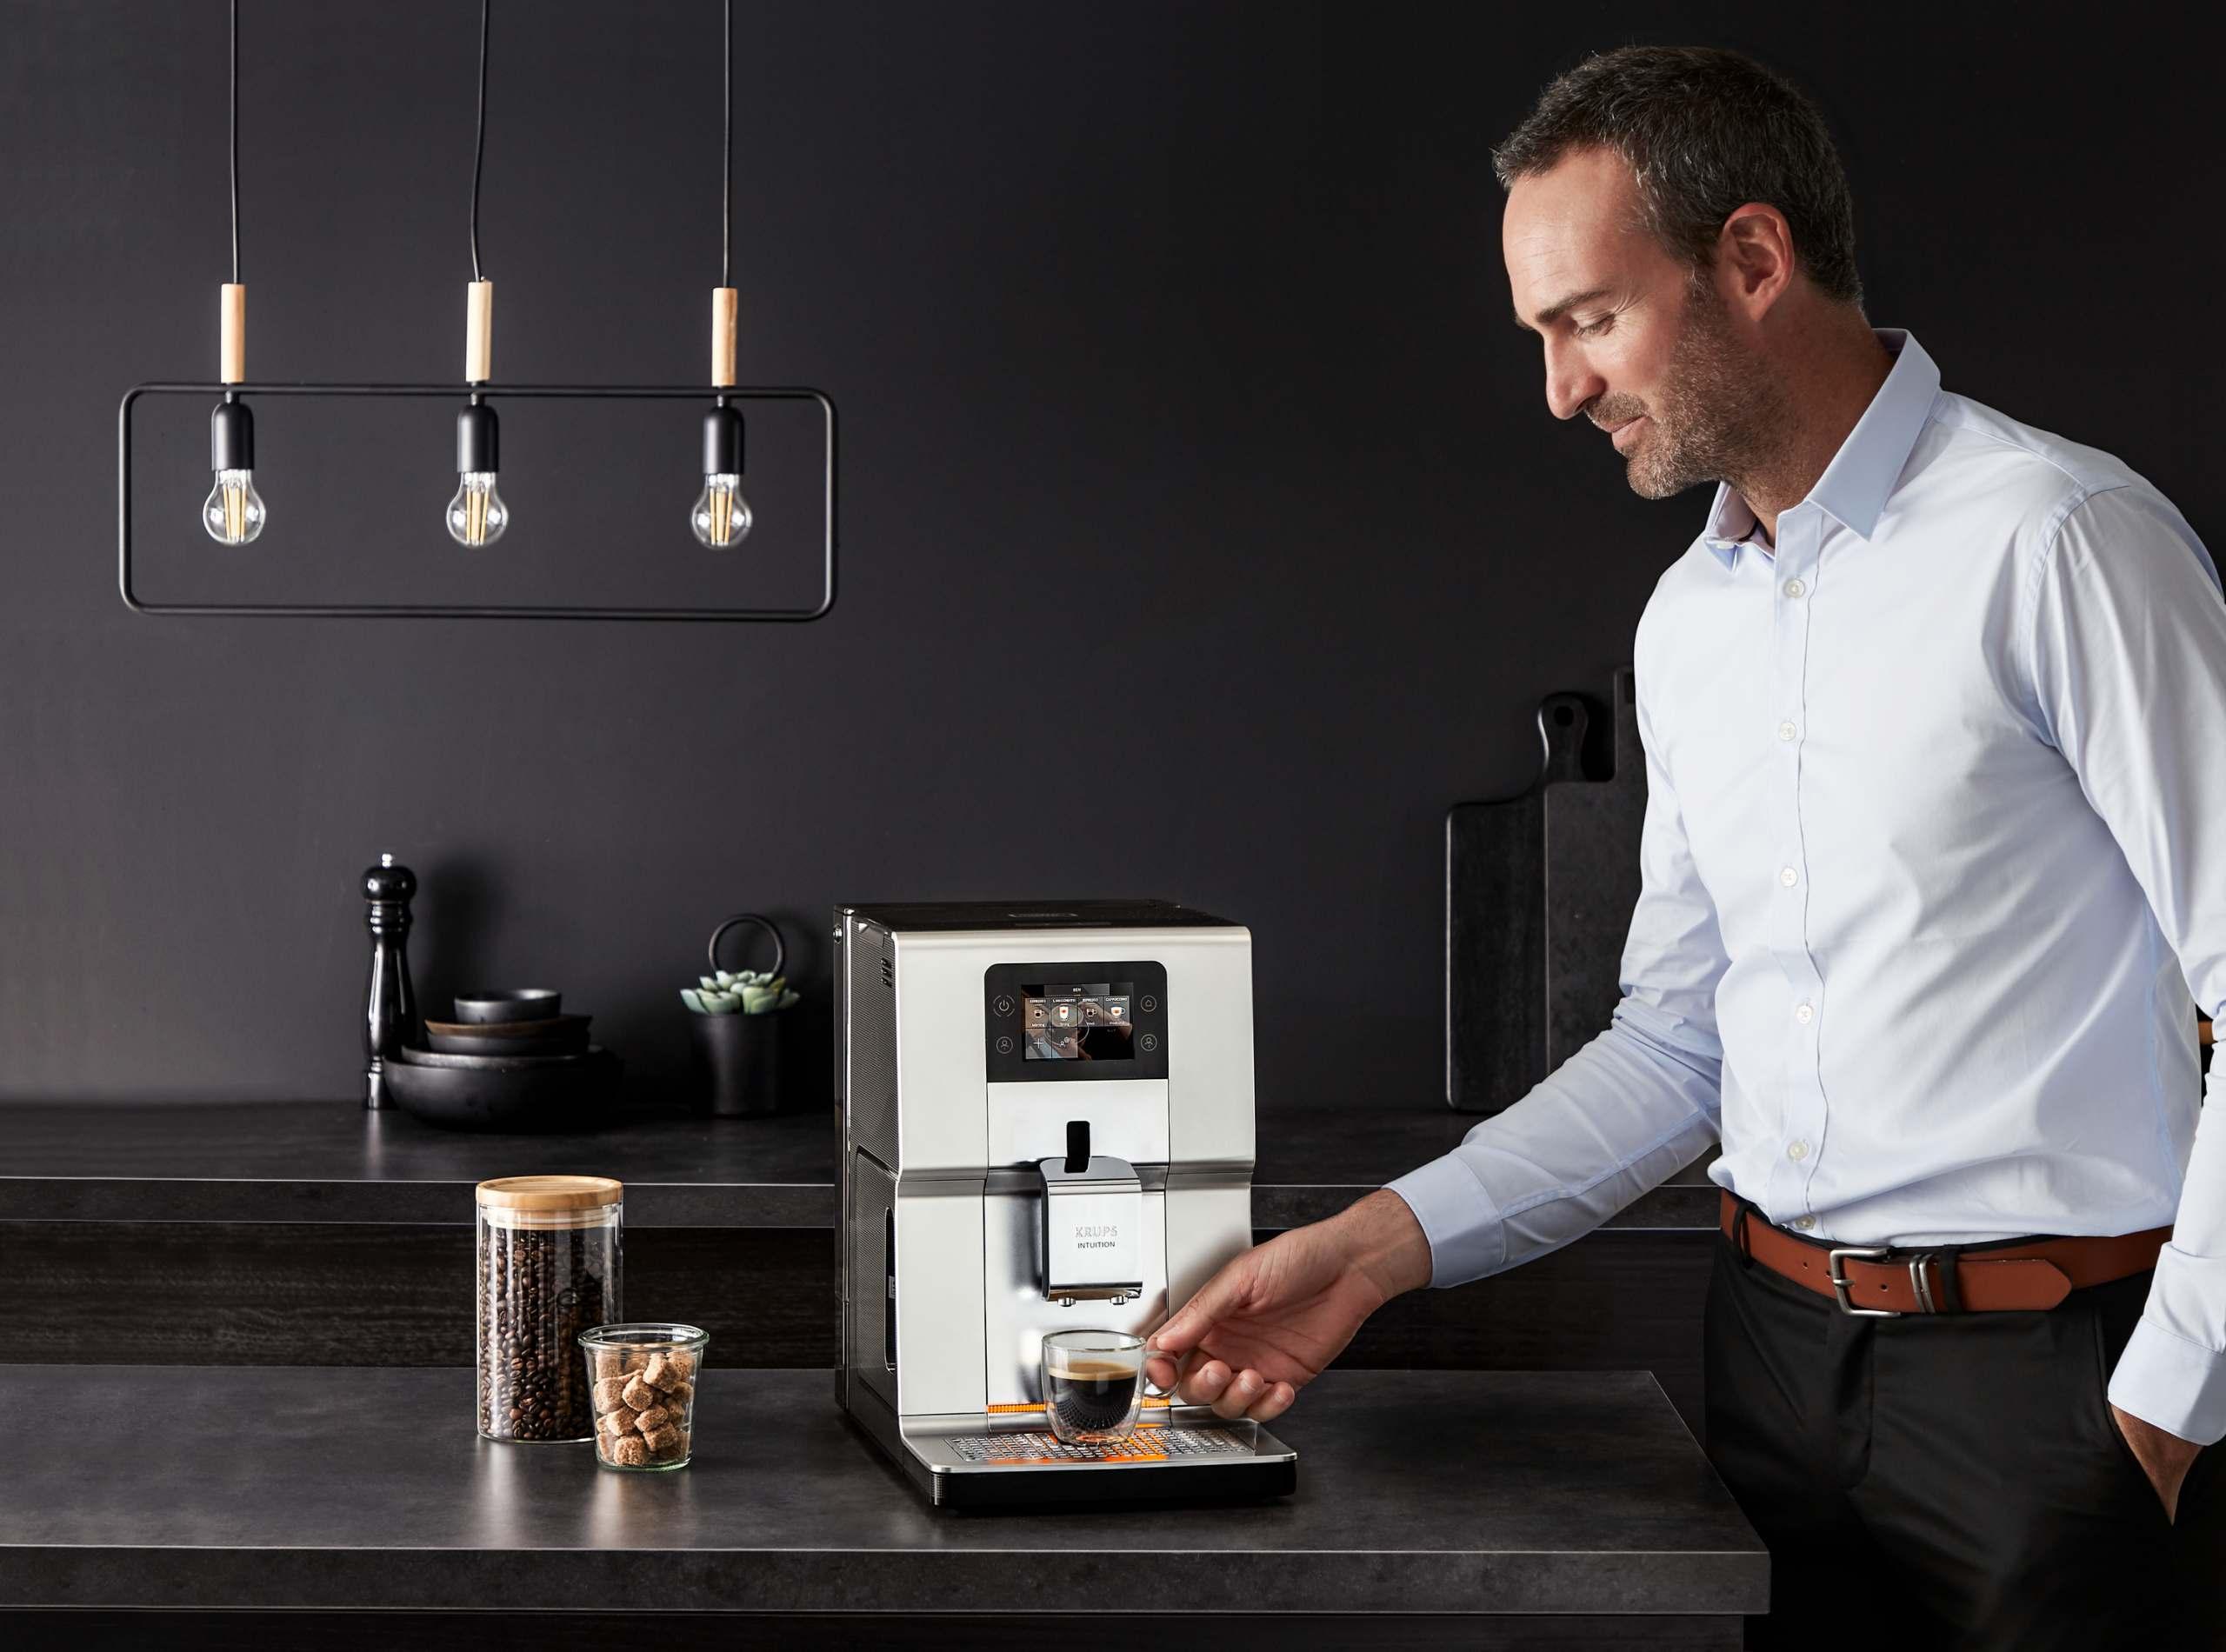 Herausragendes Kaffeeerlebnis mit Krups Intuition Preference